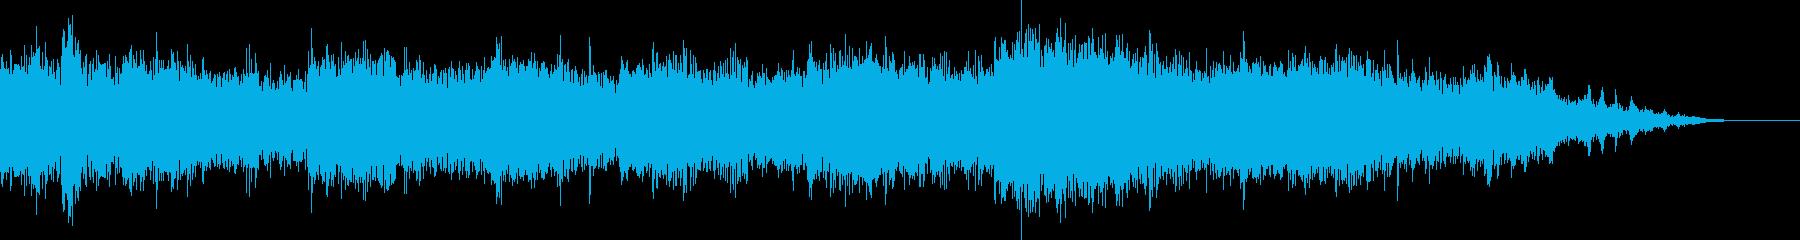 夏を感じるBGMの再生済みの波形